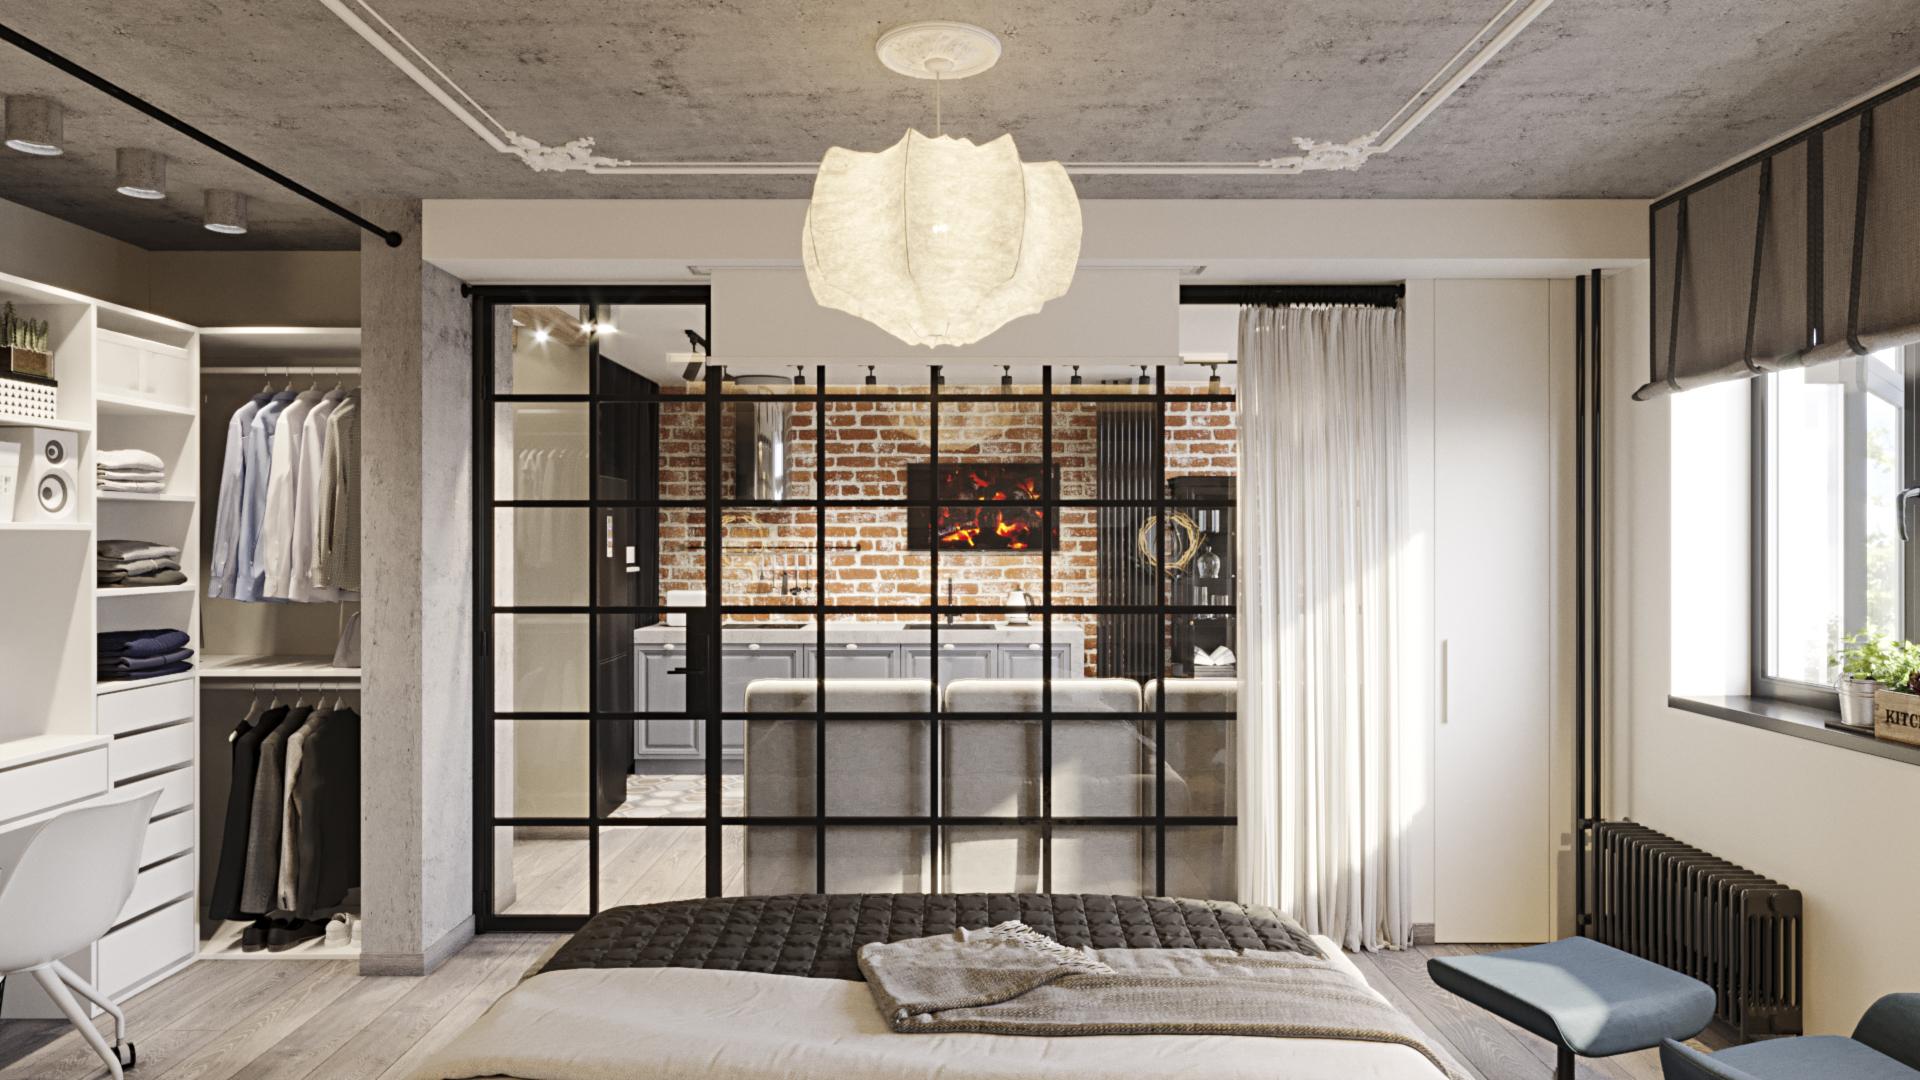 Кухня и спальная комната